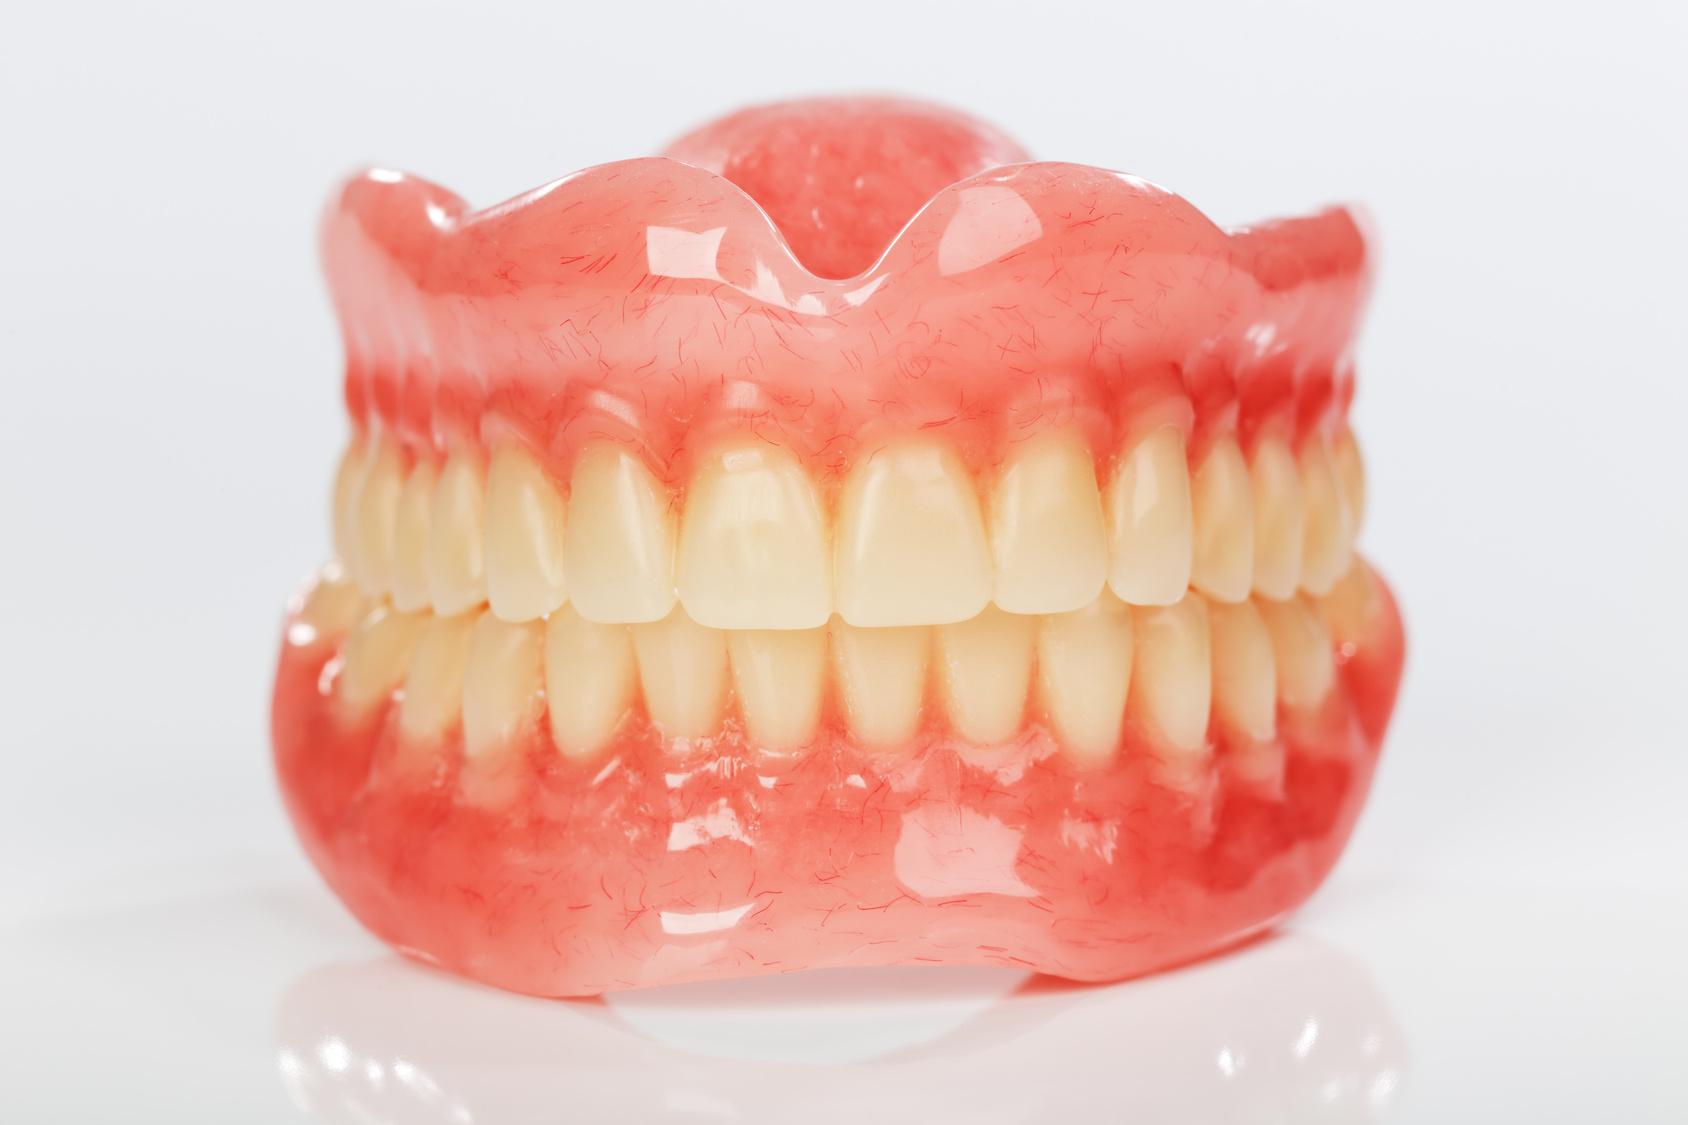 Curso Técnico em Prótese Dentária | Central Pronatec